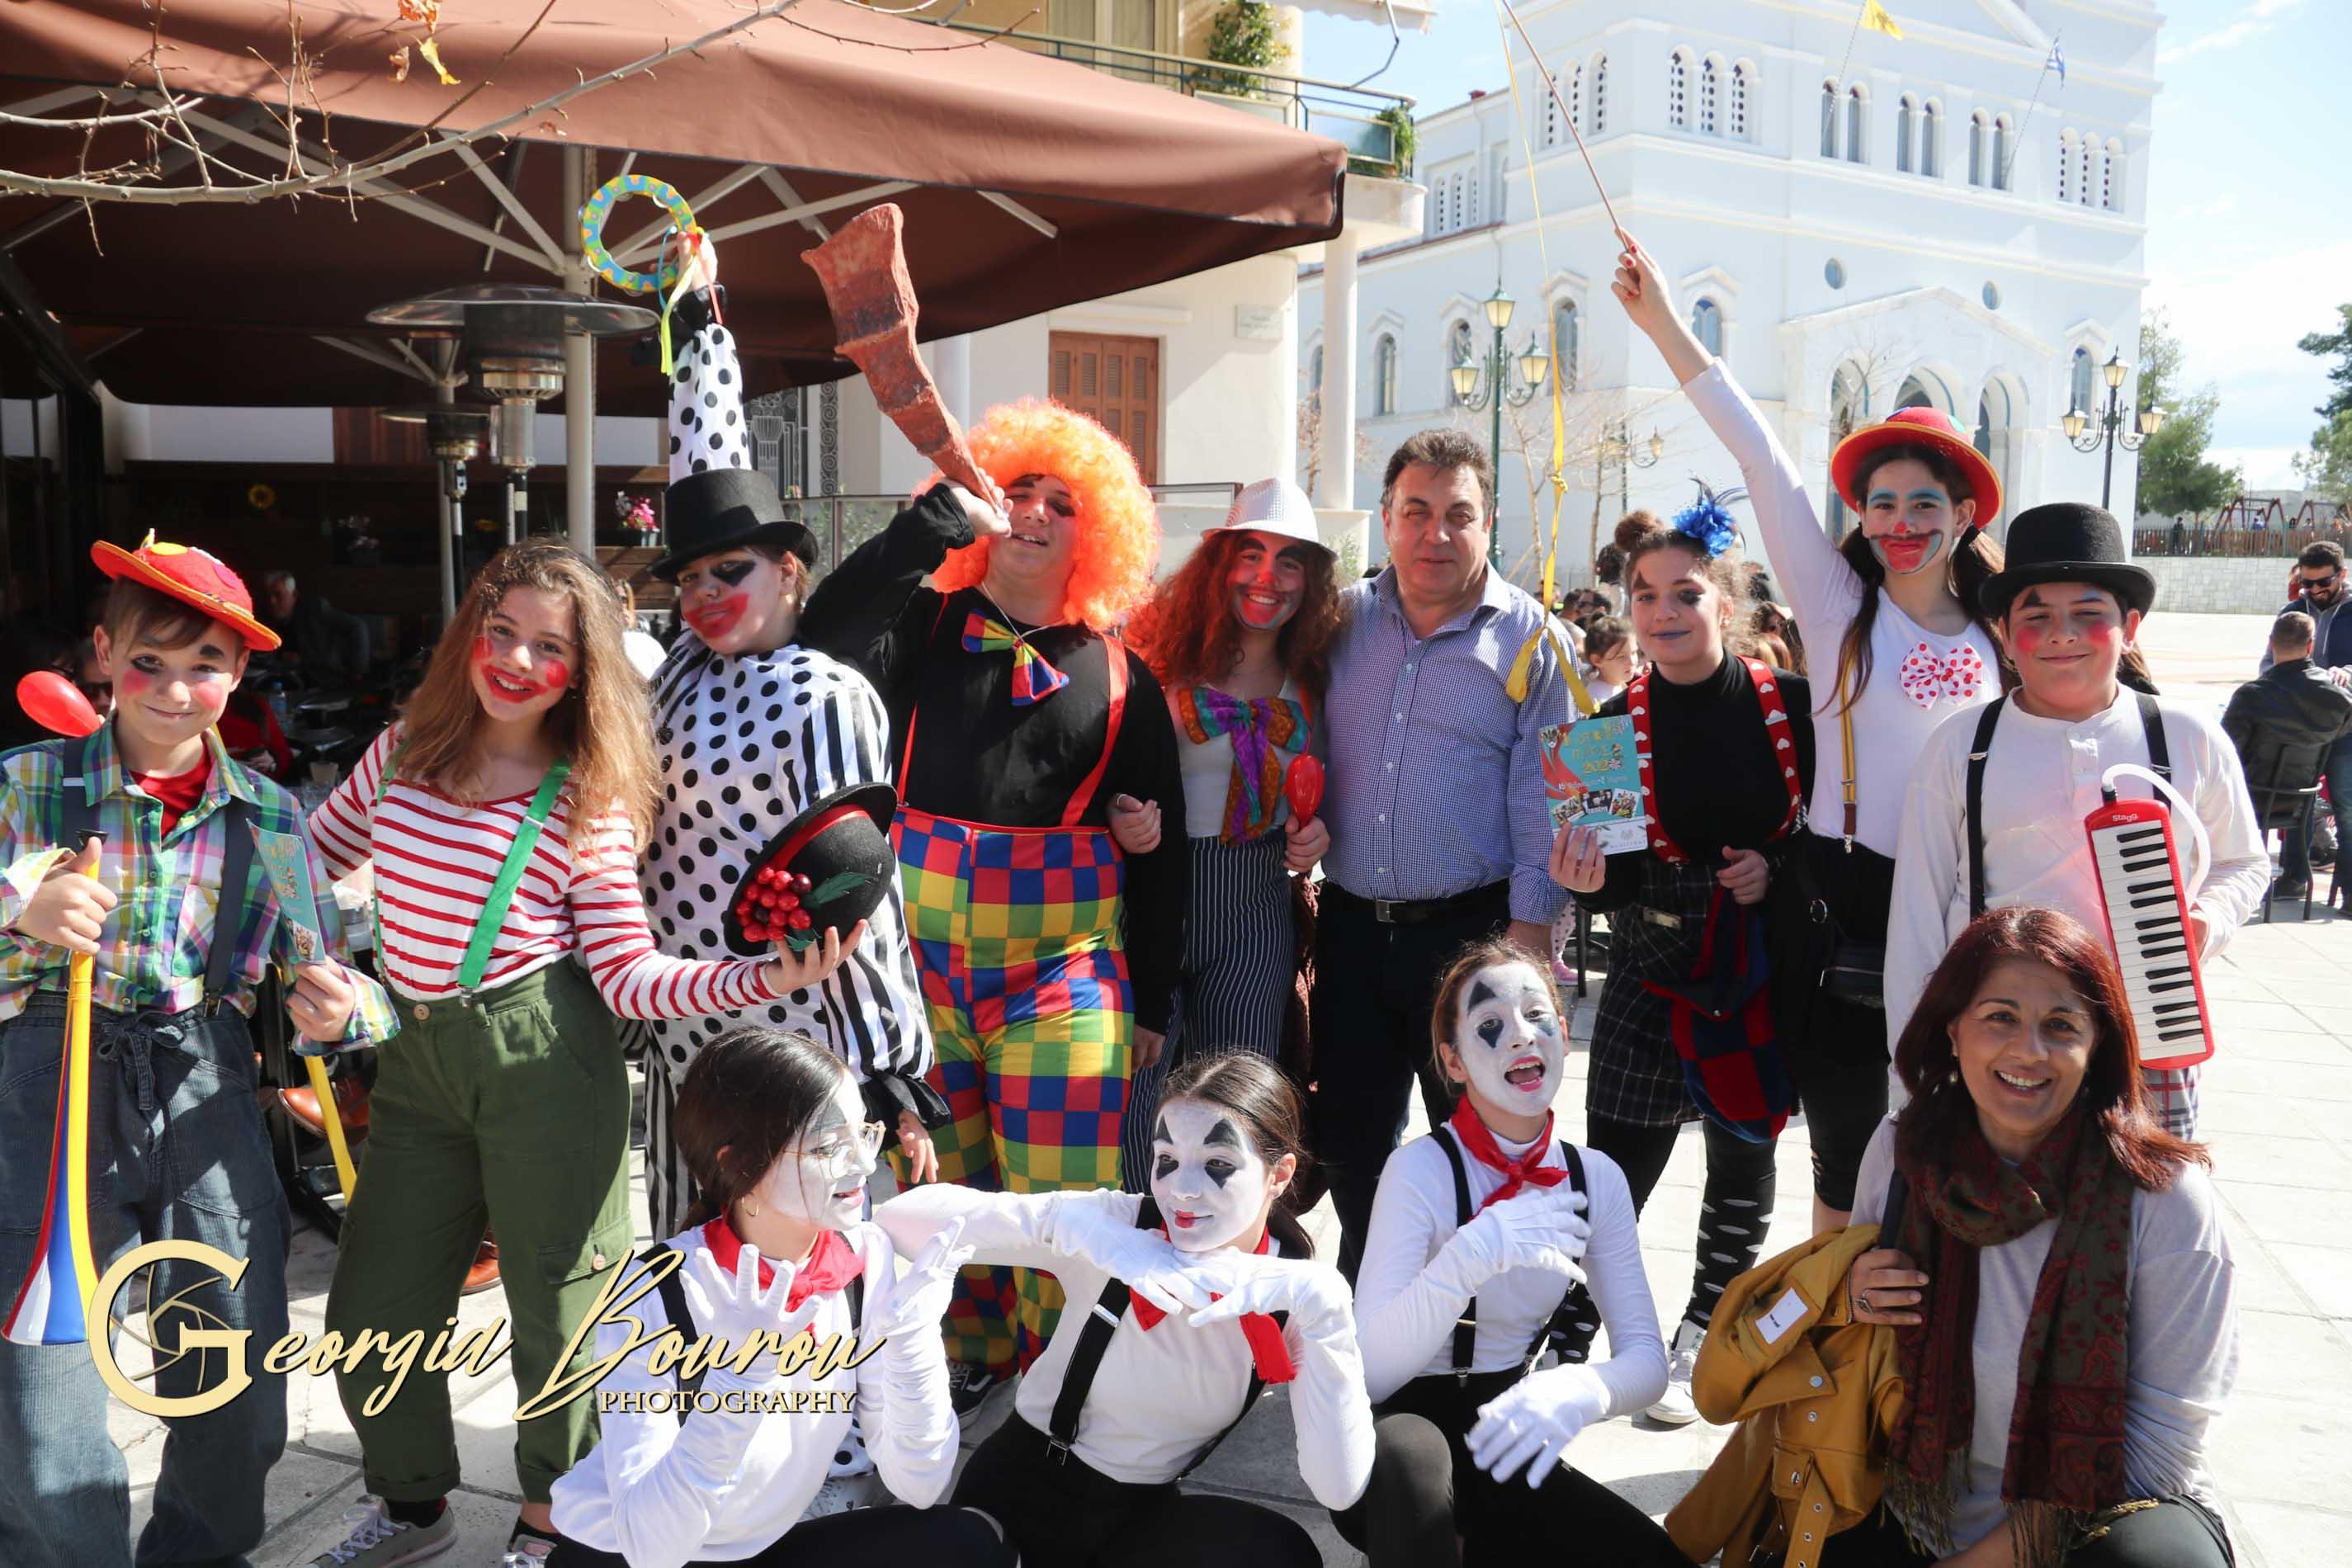 """Πύργος: Οι τελάληδες της 1ης Αποκριάς Πύργος 2020"""" με το κέφι, τον χορό και τα χαμόγελά τους ξεσήκωσαν την πόλη- Δεν """"γλύτωσε"""" ούτε ο Δήμαρχος Τάκης Αντωνακόπουλος - Άντε καλή μας Αποκριά!!! (Photos)"""